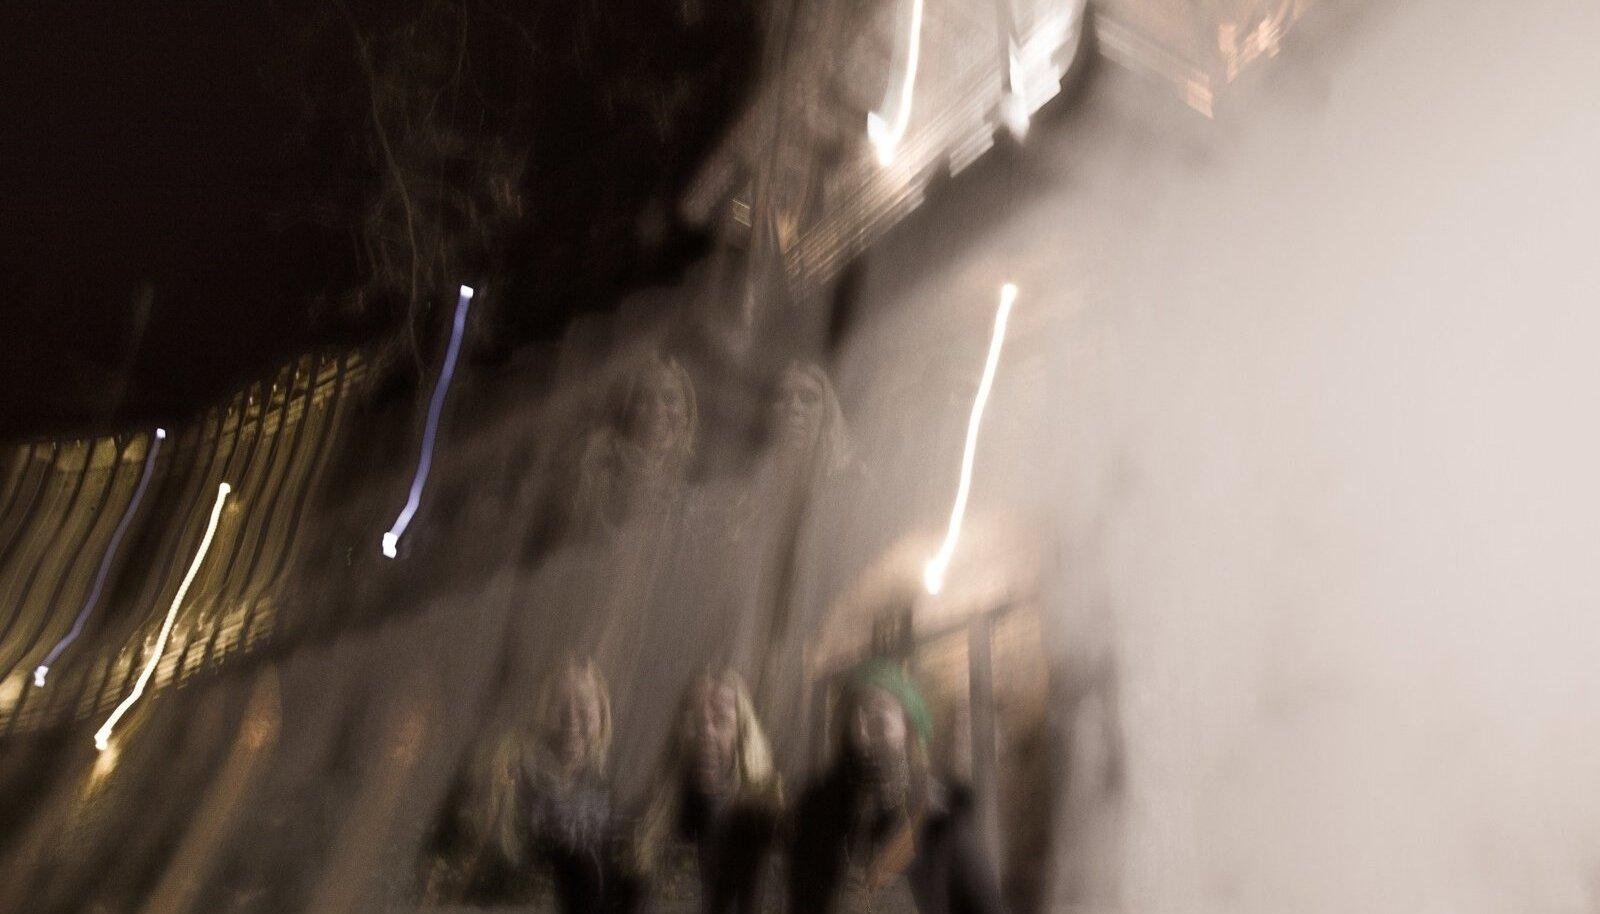 Priit Loog uuest ennustusvahendist: kui õue peal on näha surnu jalajälgi, võib oodata männikäbide kuivamist